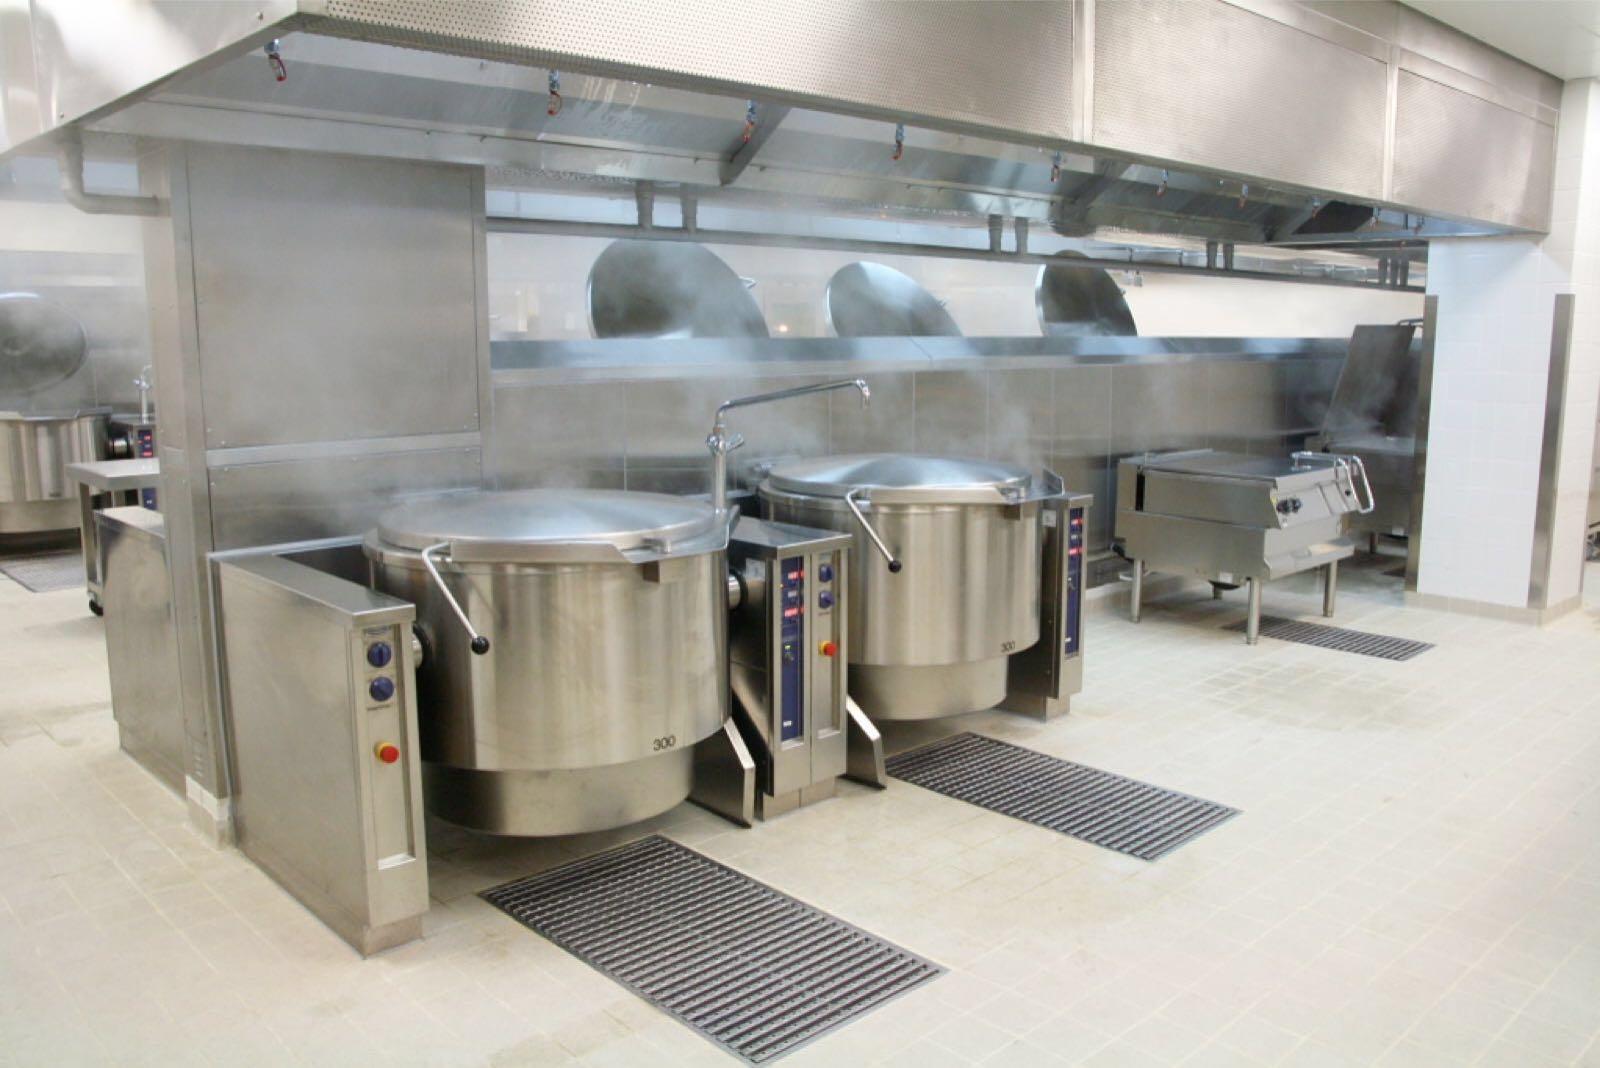 全厨通分享商用厨房设备使用禁忌